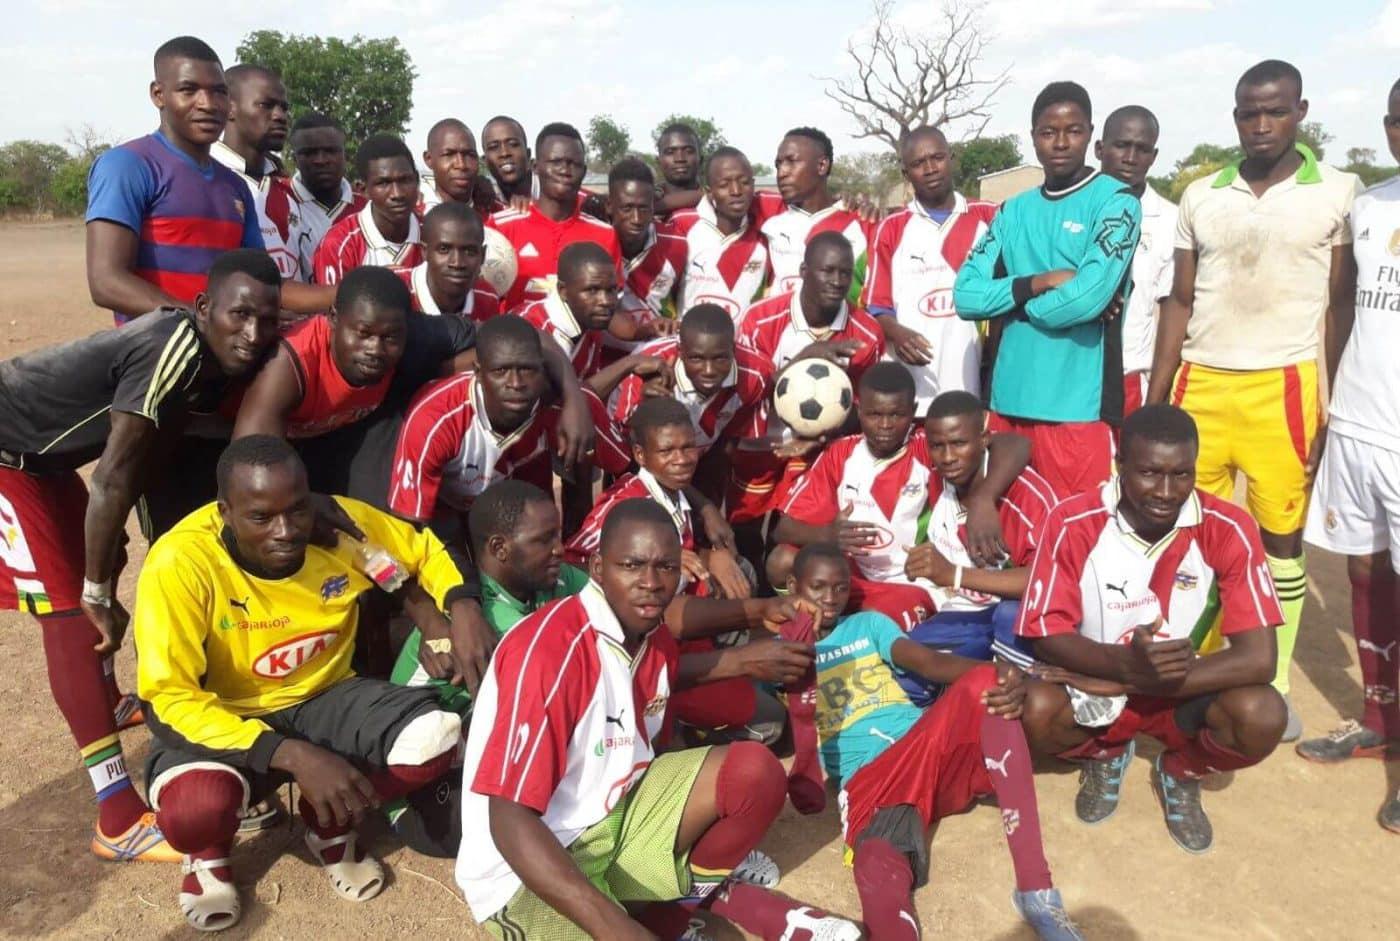 La Escuela Bên Kadi de Burkina Faso recibe el material donado por la Federación Riojana de Fútbol 2